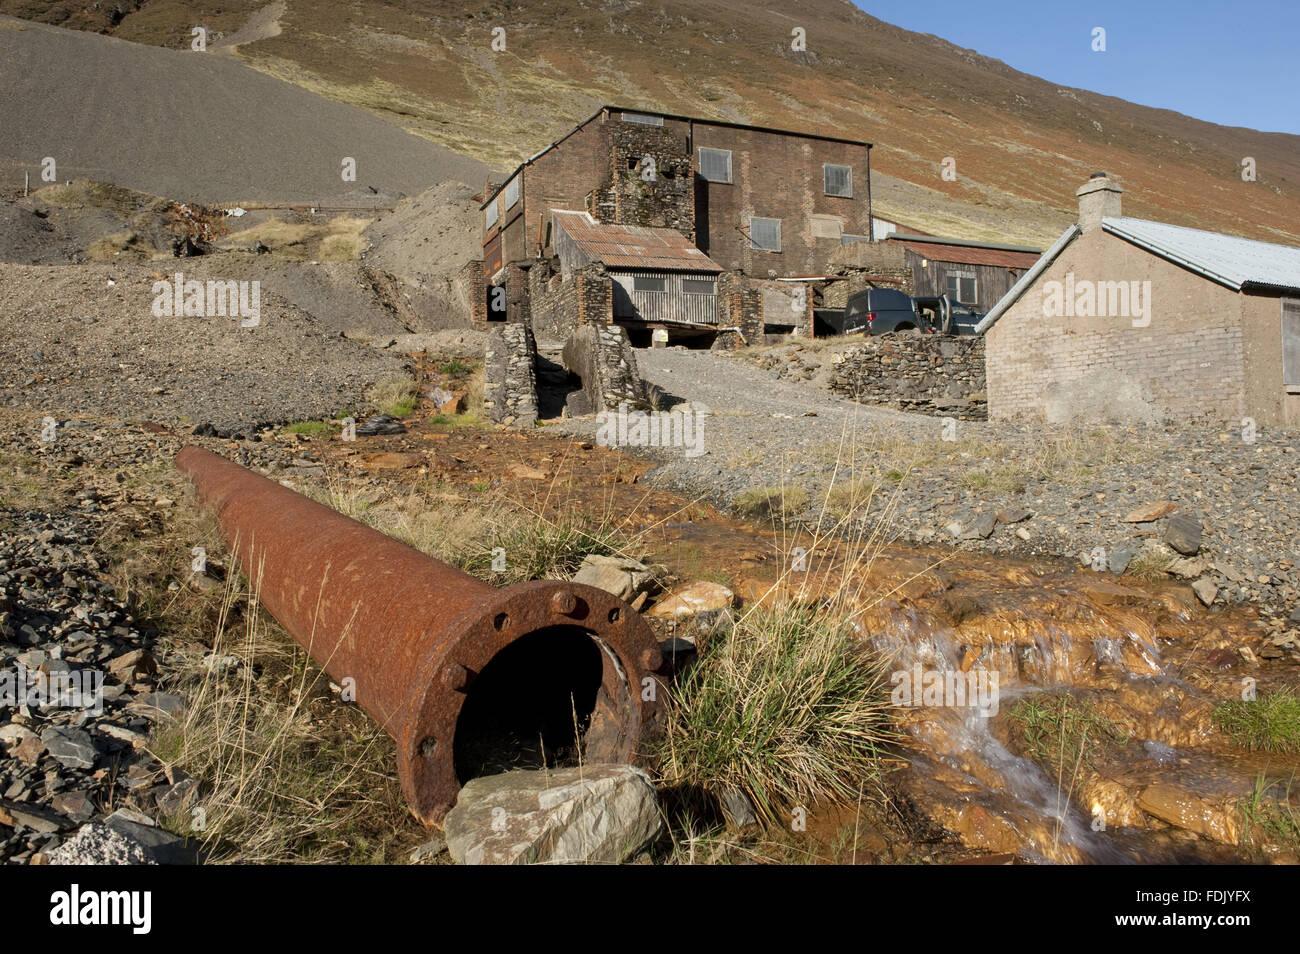 Forza la mia rupe, Borrowdale, Lake District, Cumbria. Falesia di forza è stato l'ultimo lavoro miniera di metallo nel distretto del lago fino a chiusa nel 1991, di smistamento, di piombo e di zinco baritina dalla roccia. È programmata un antico monumento e un SSSI. Foto Stock